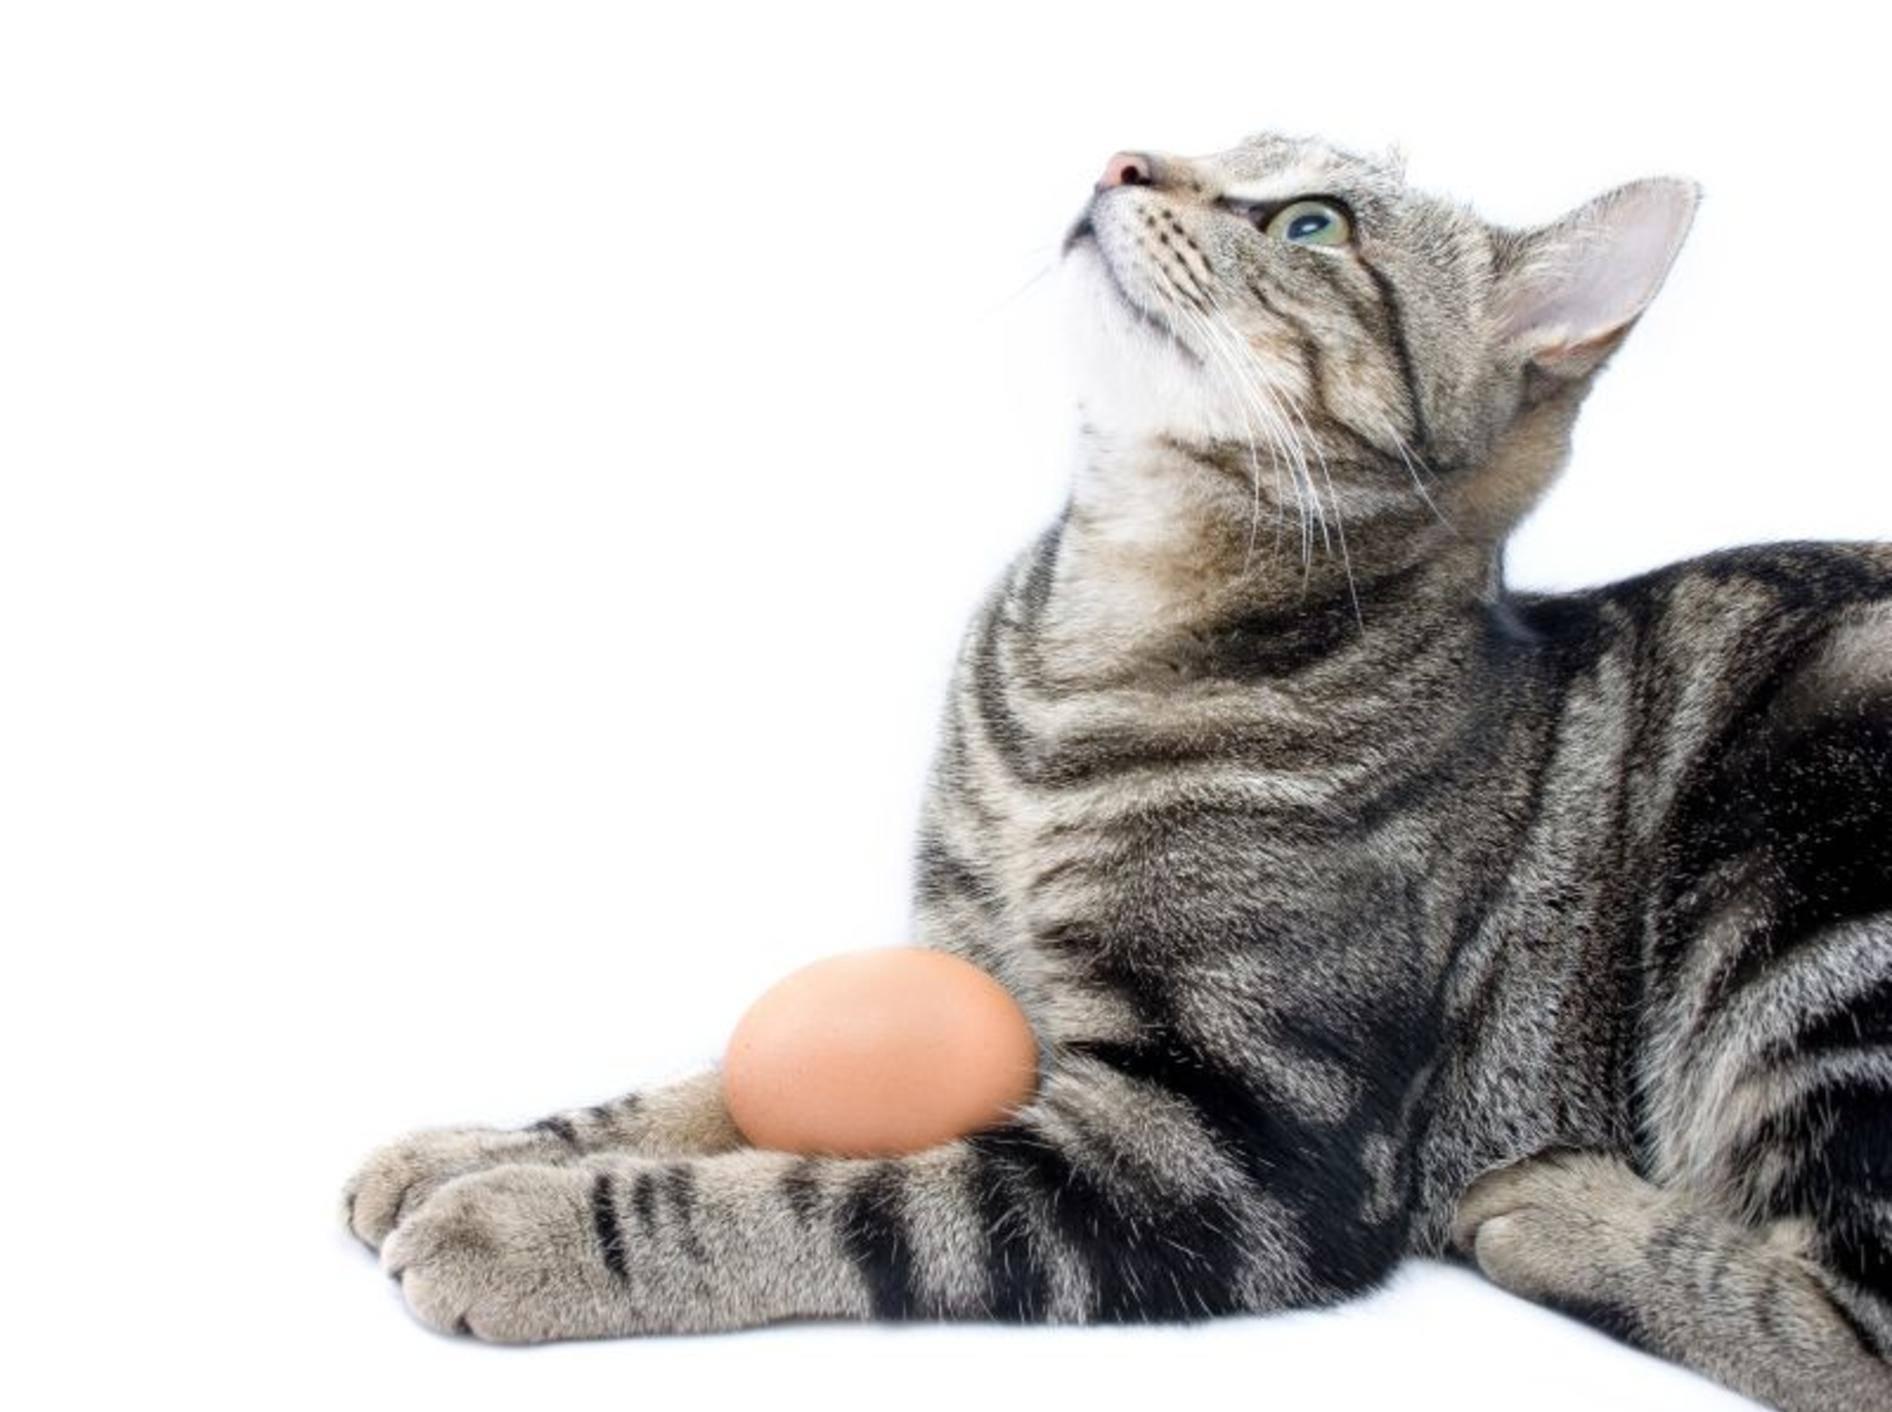 Wer seine Katze mit Ei füttern möchte, sollte ein paar Dinge beachten – Shutterstock / dogboxstudio